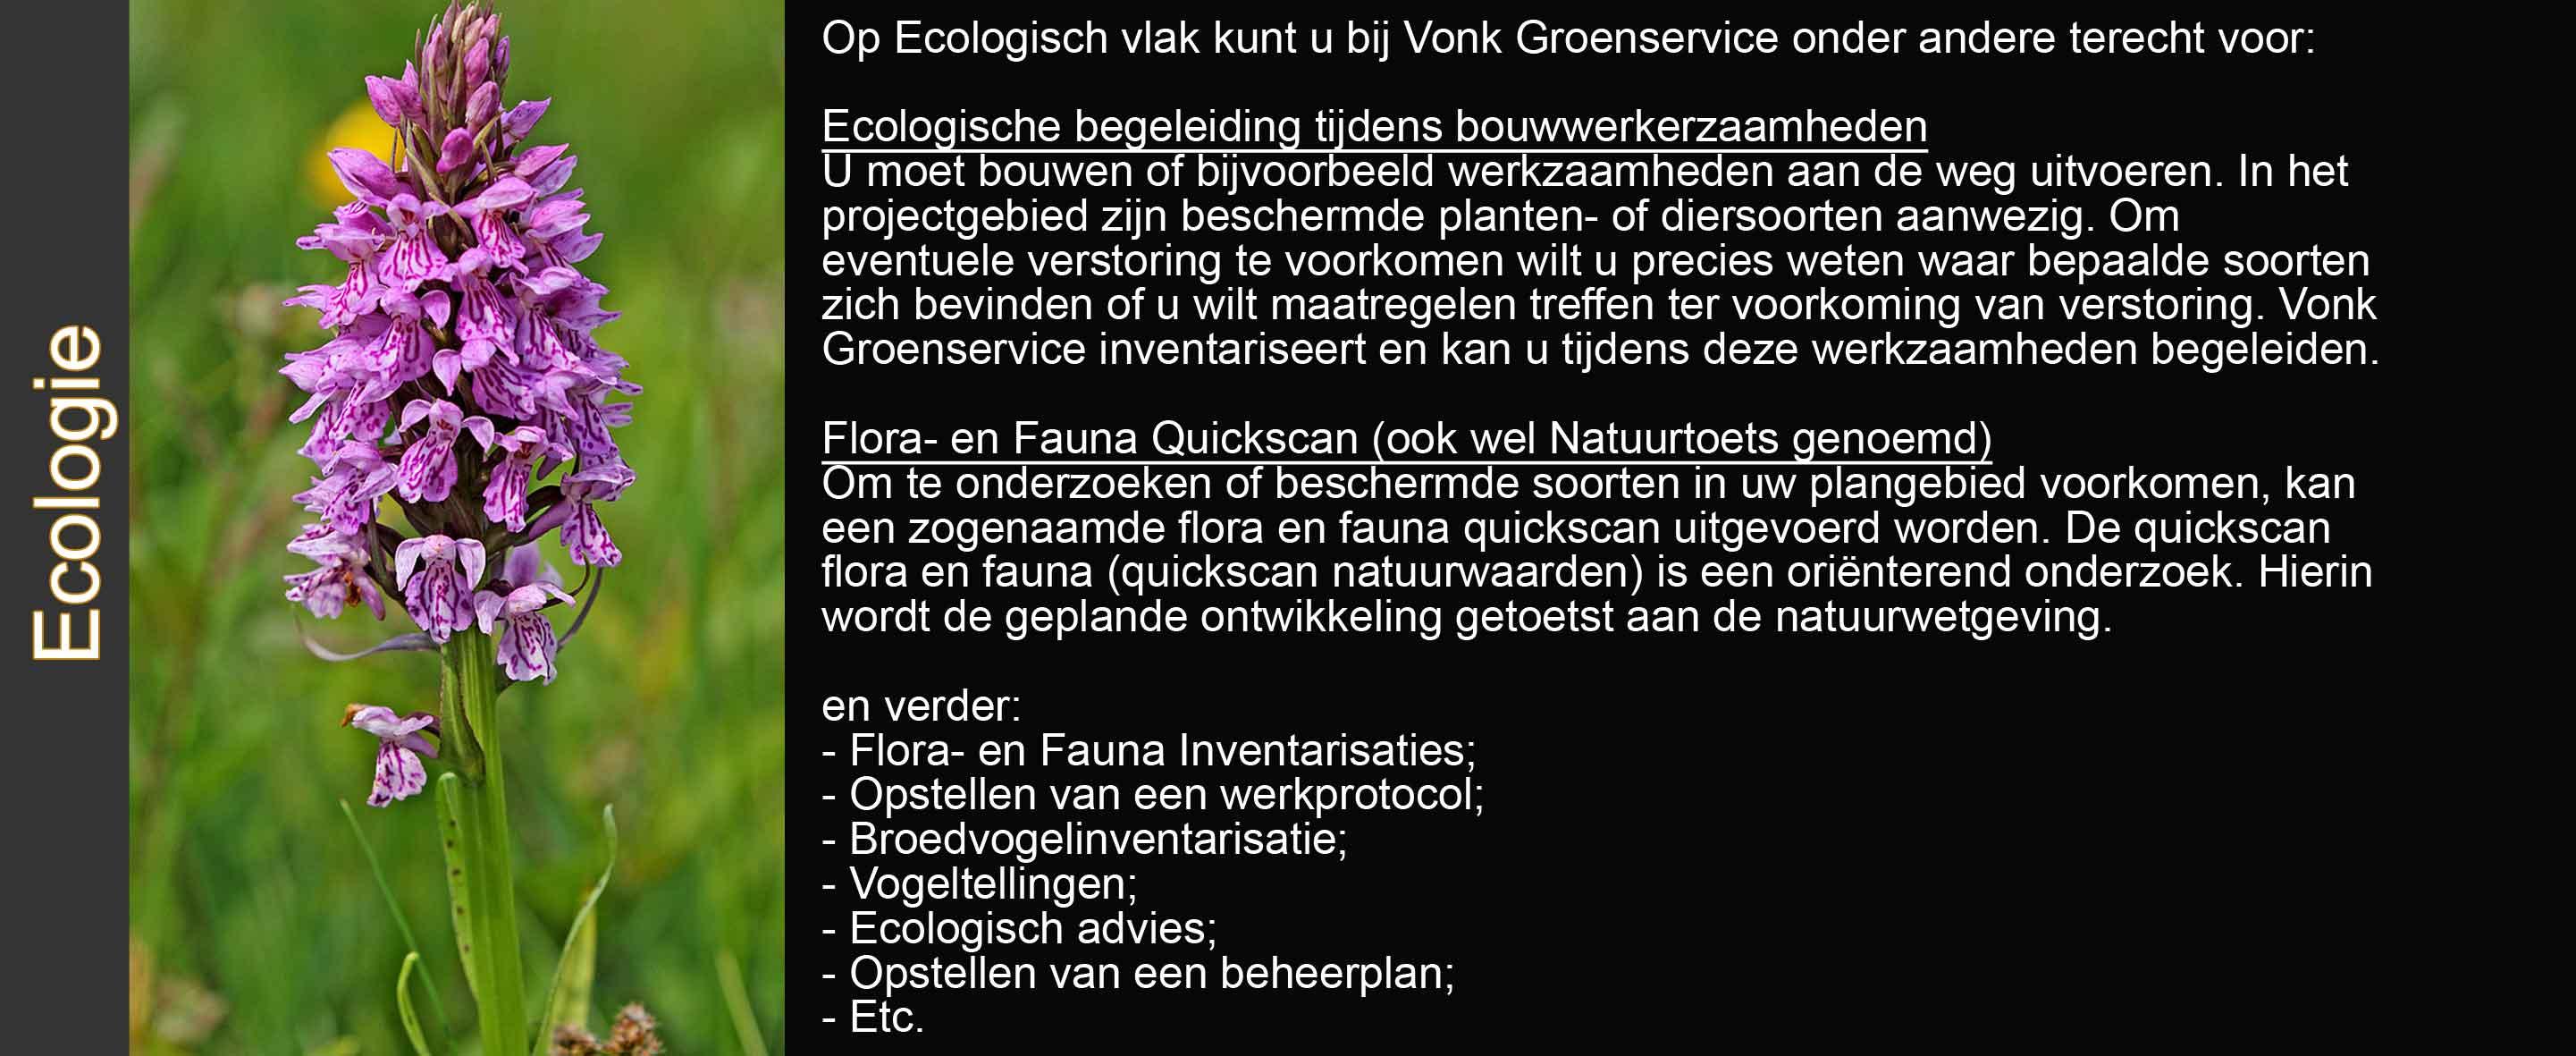 Ecologie-22052017